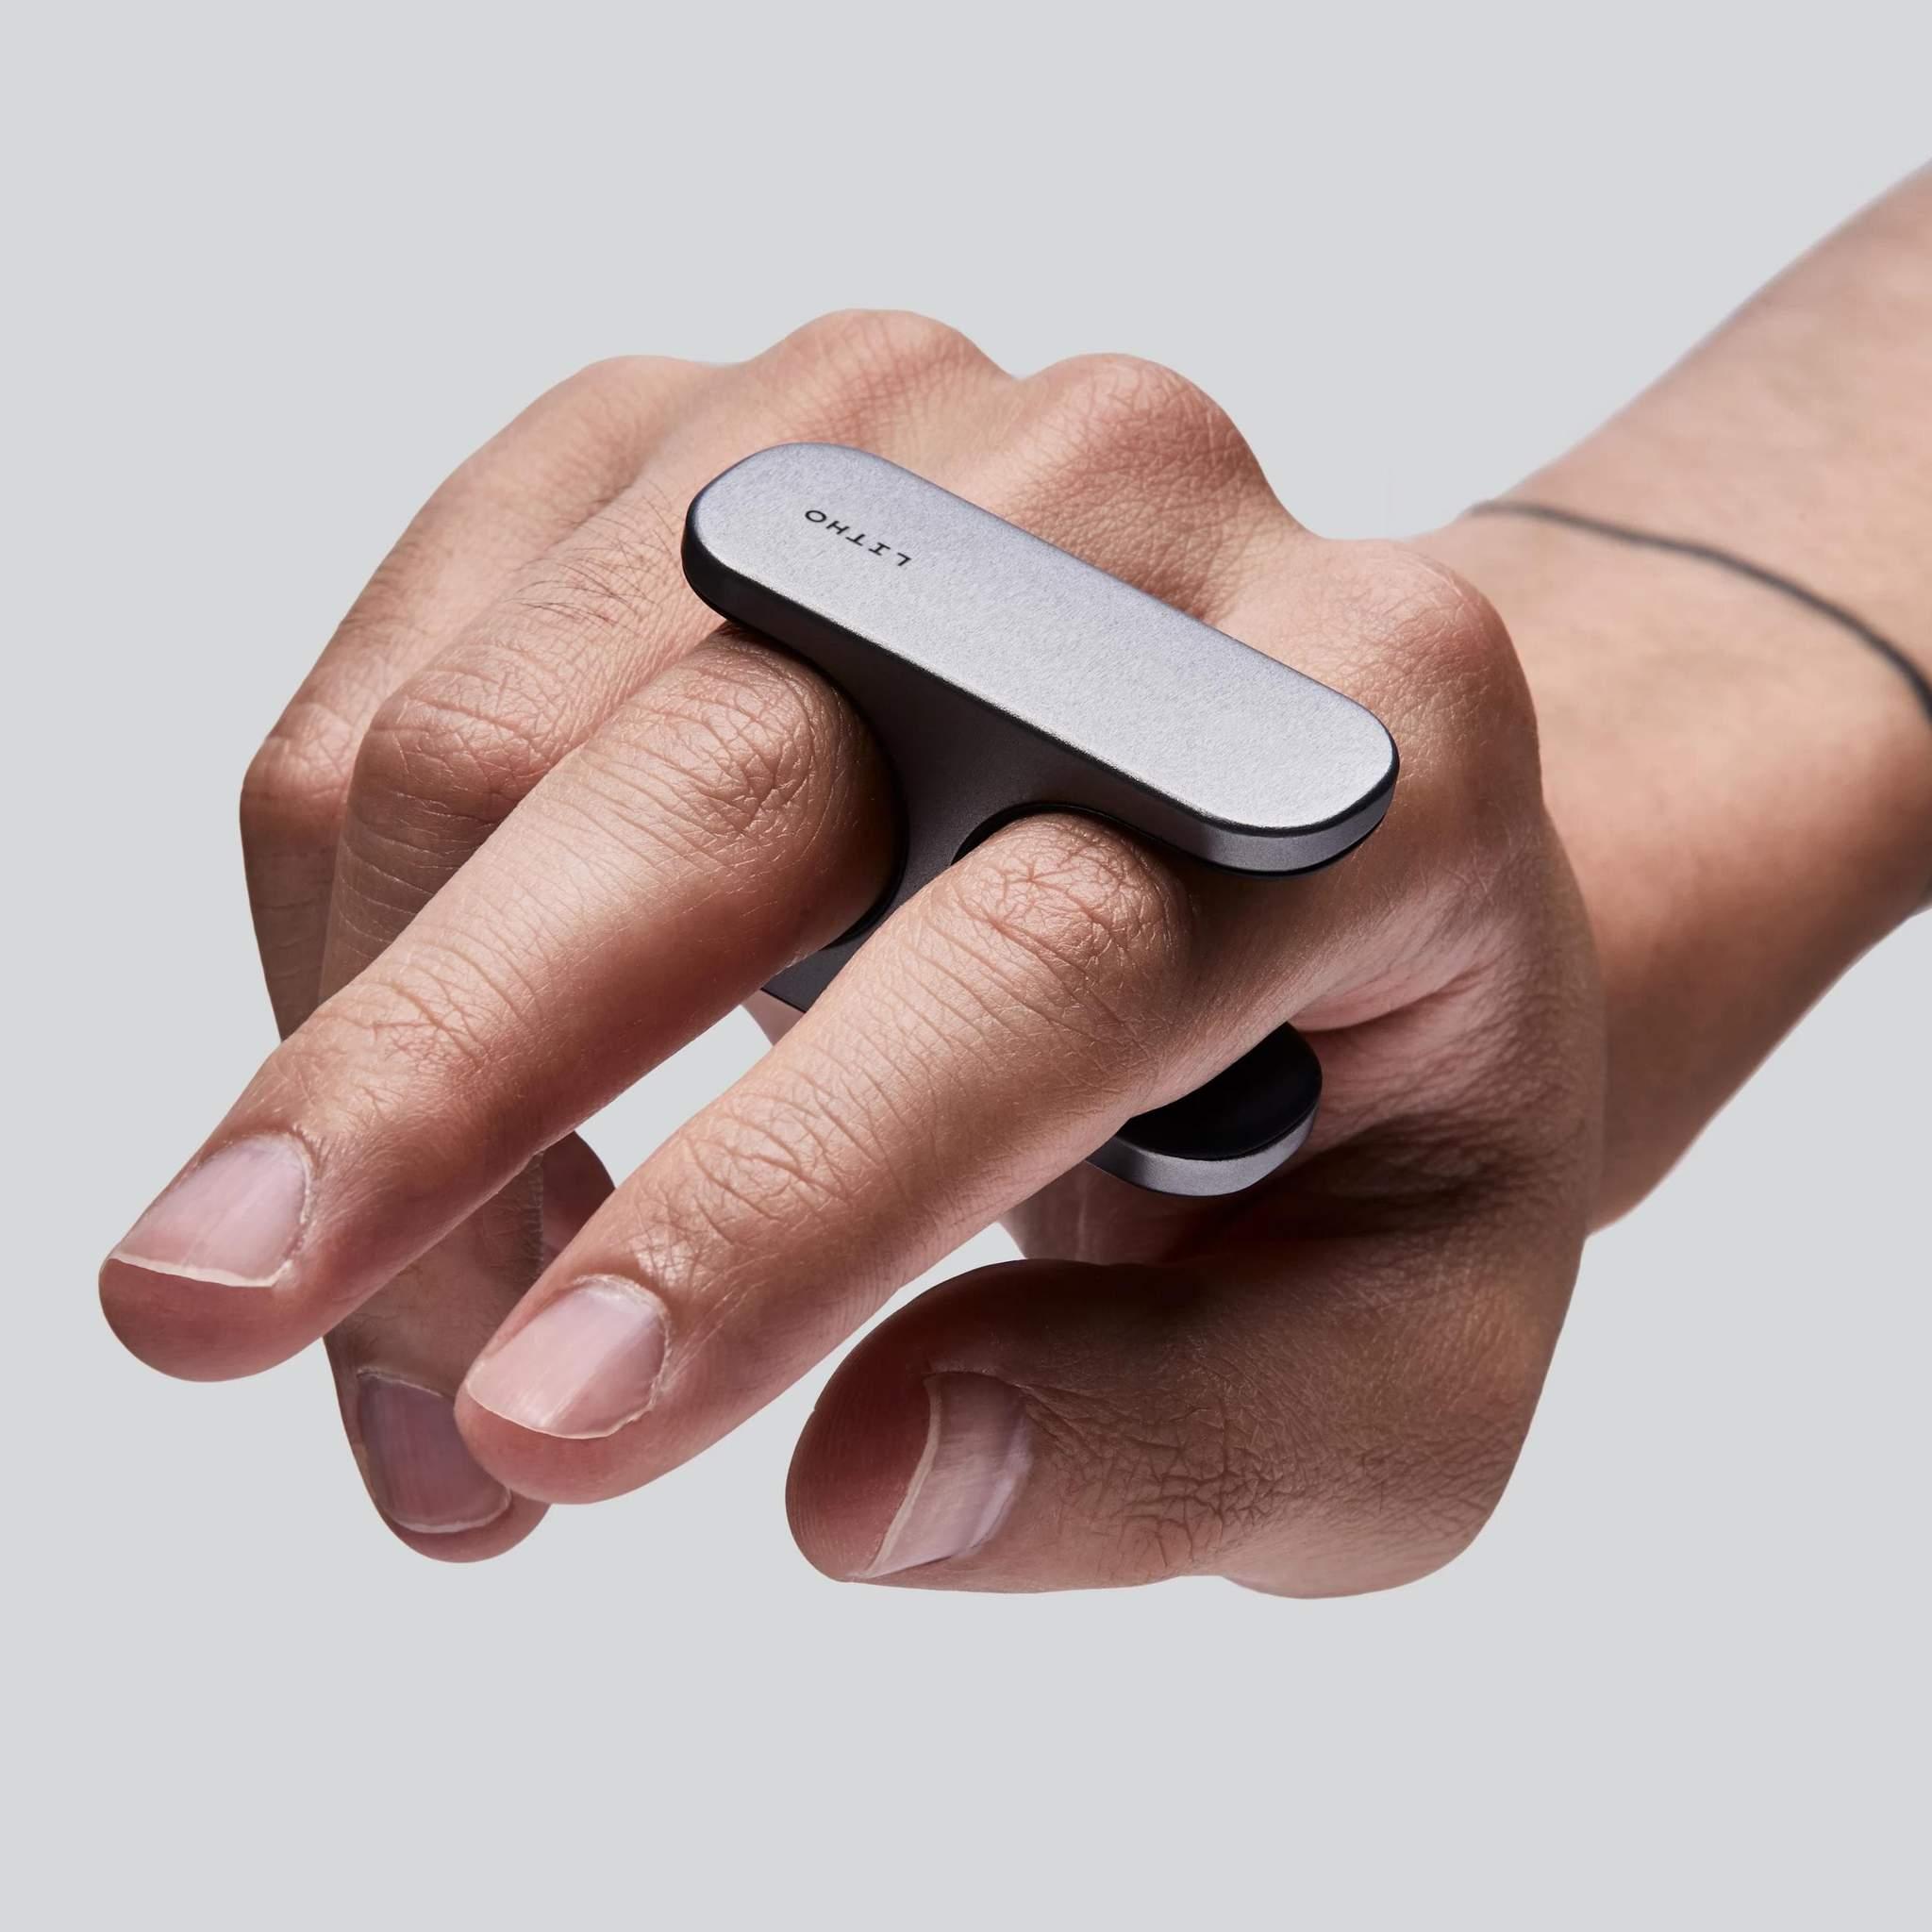 ARを2本の指で自在に操れる小型コントローラー「LITHO」を英国のスタートアップが開発